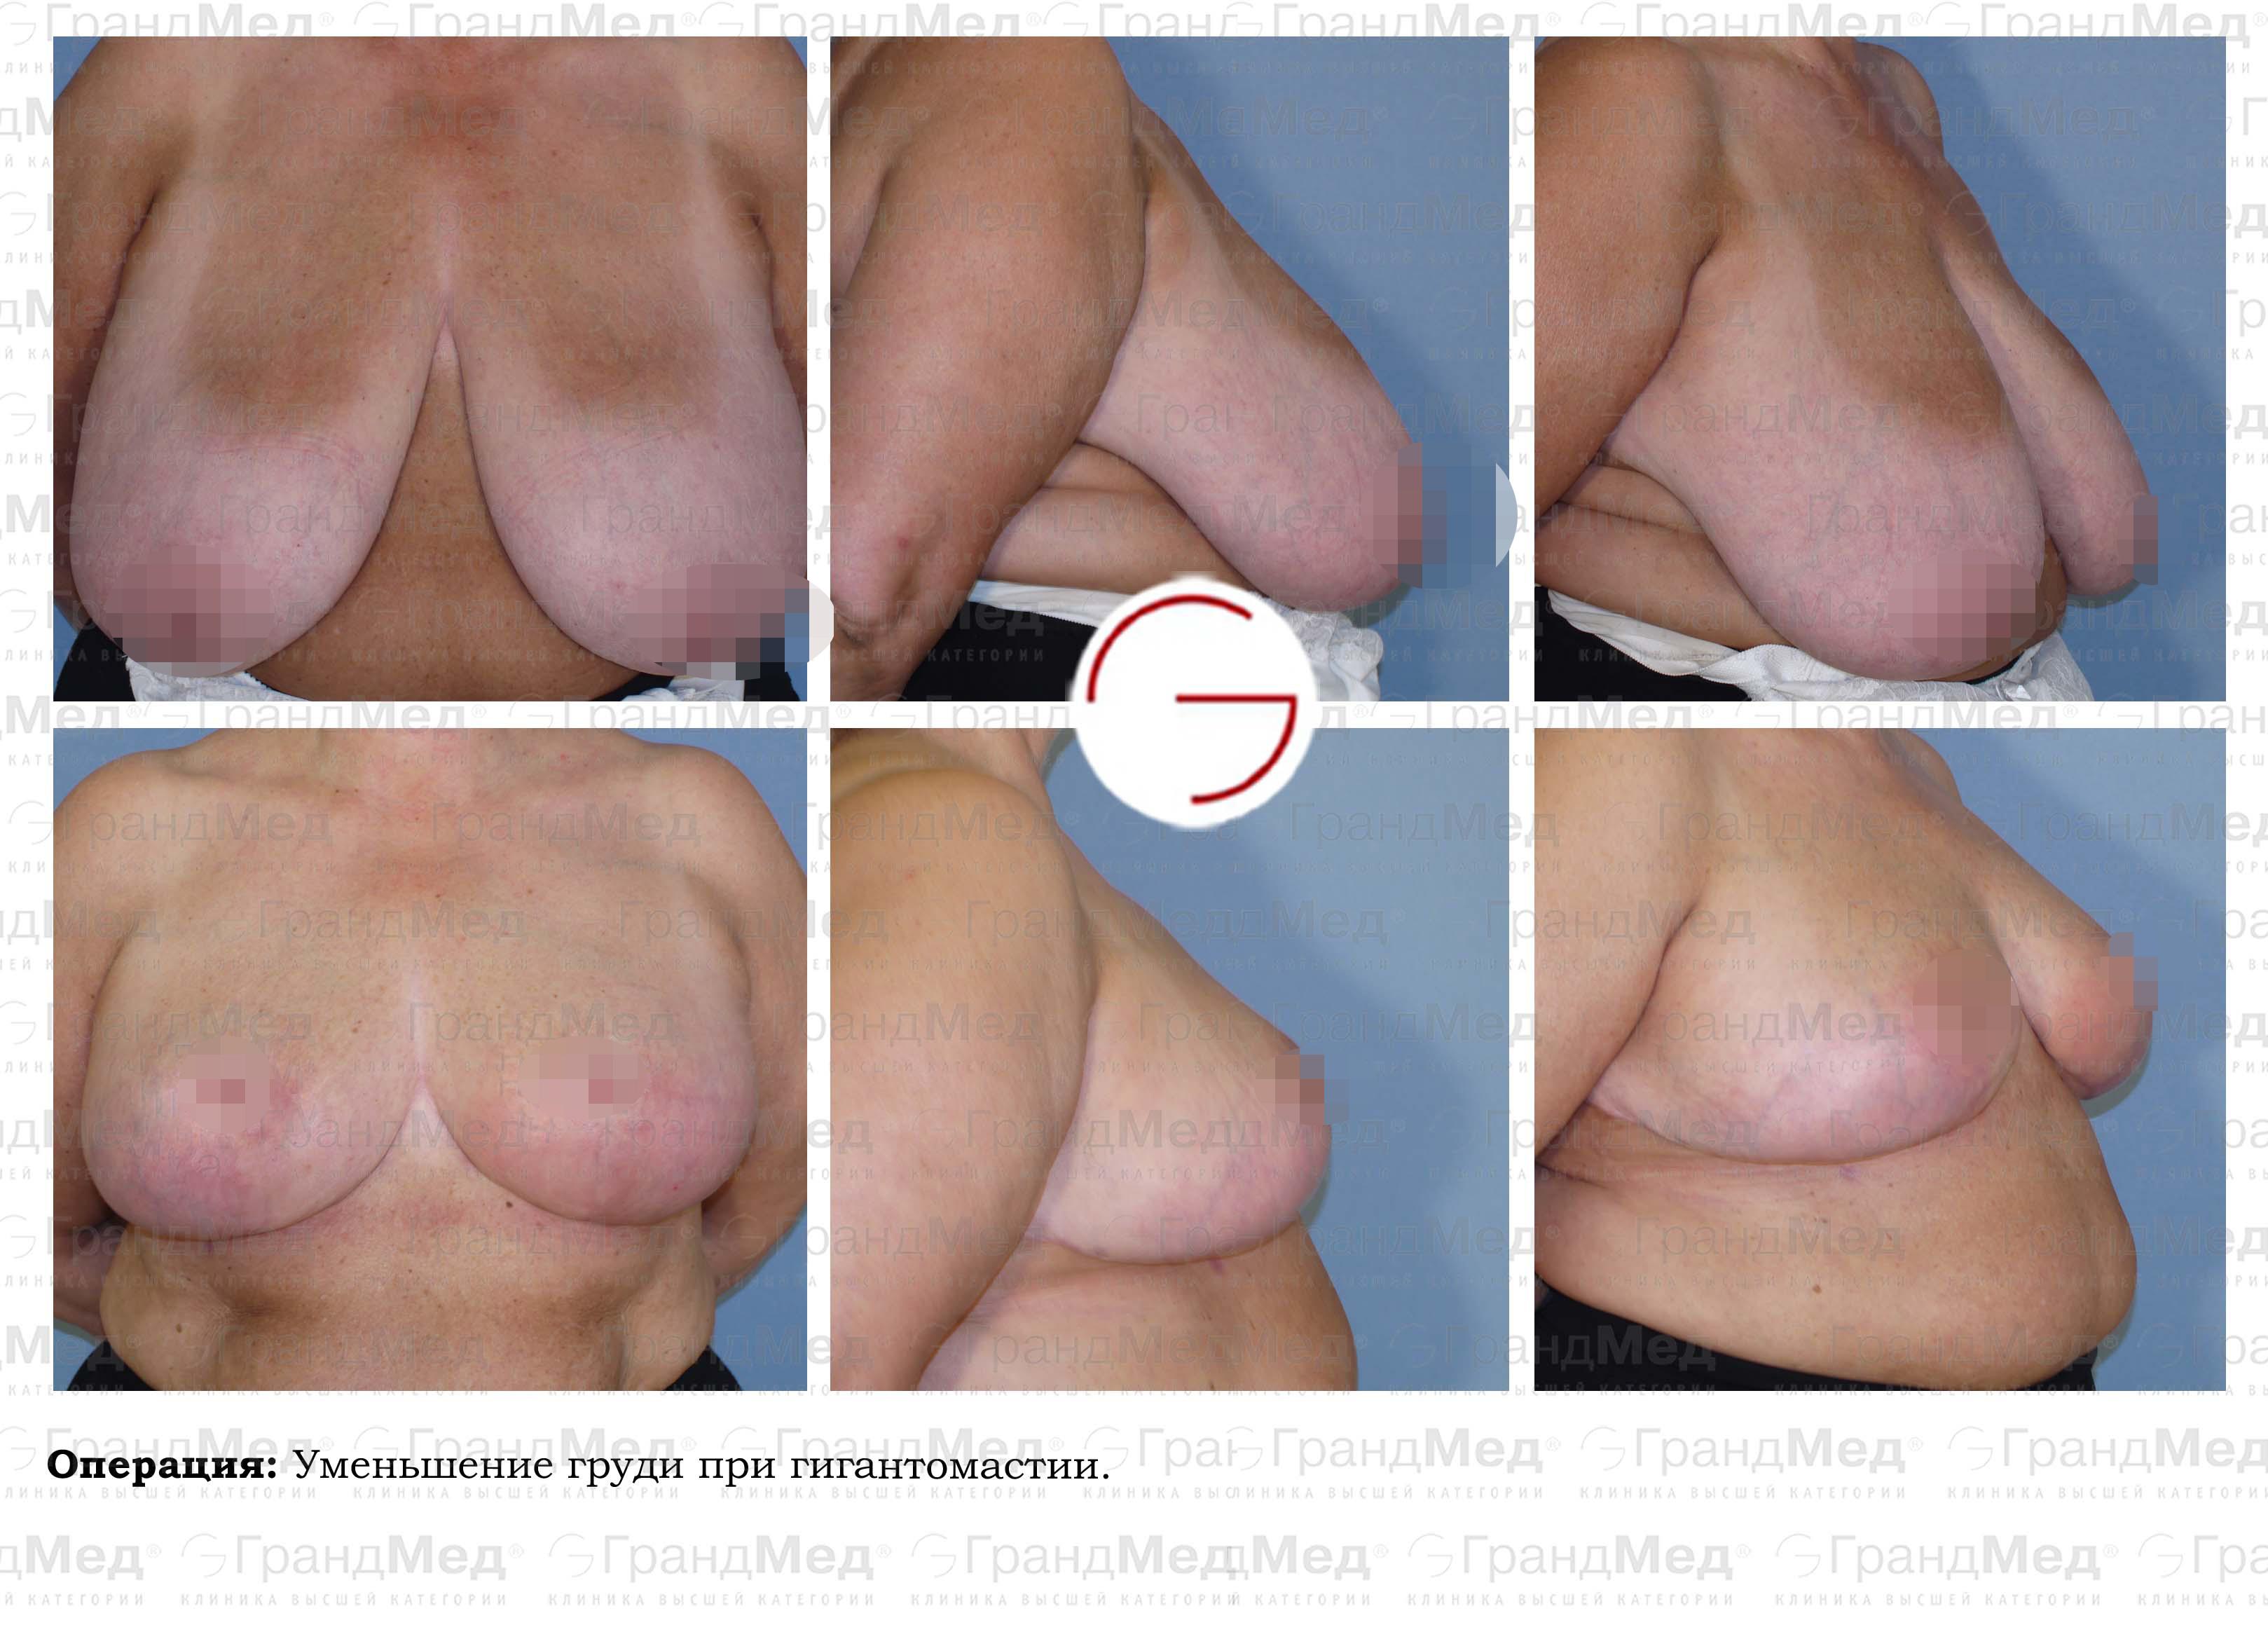 Отрицательные отзывы о креме для увеличения бюста